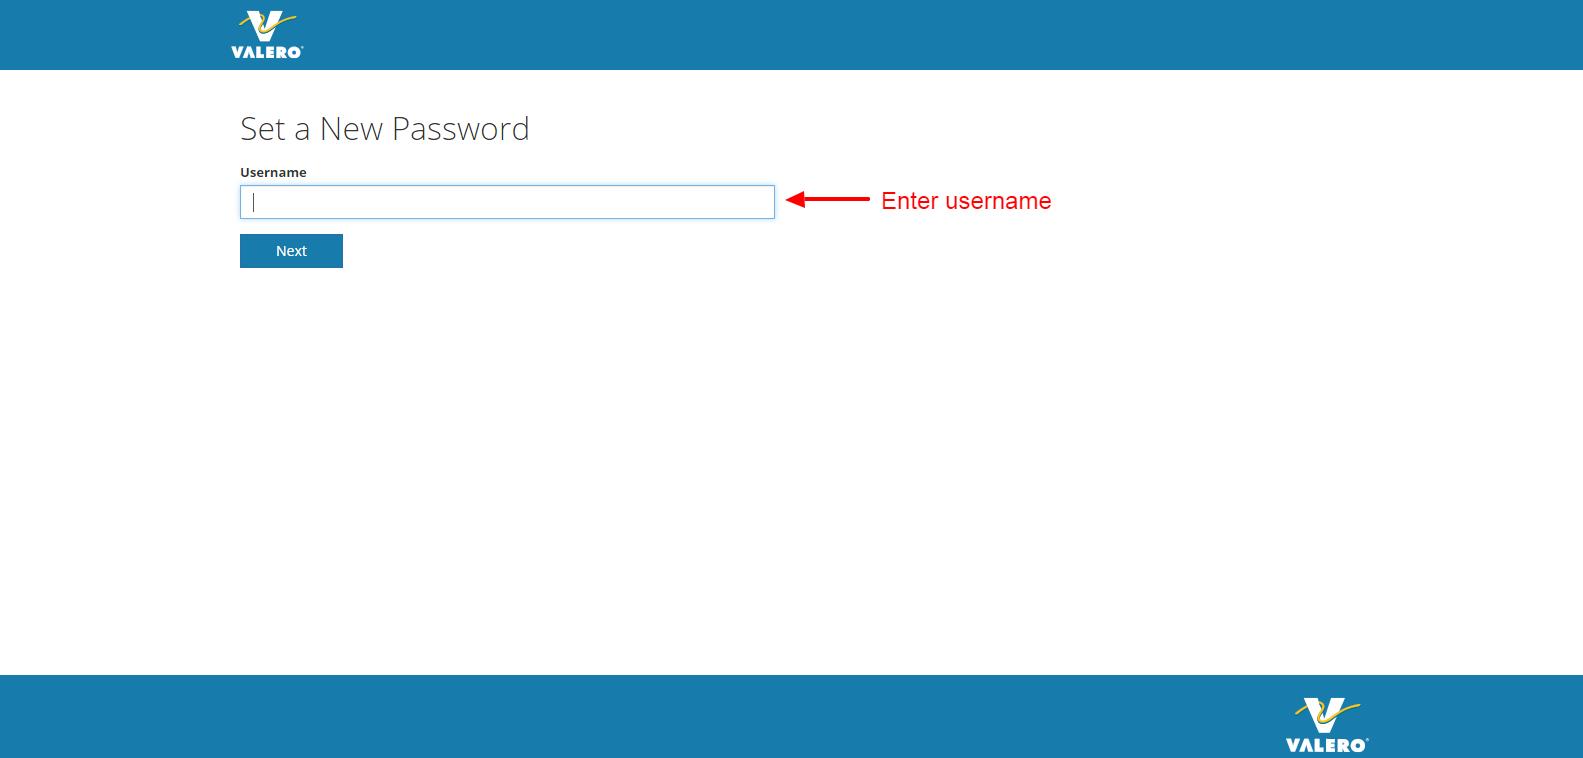 valero-password-3